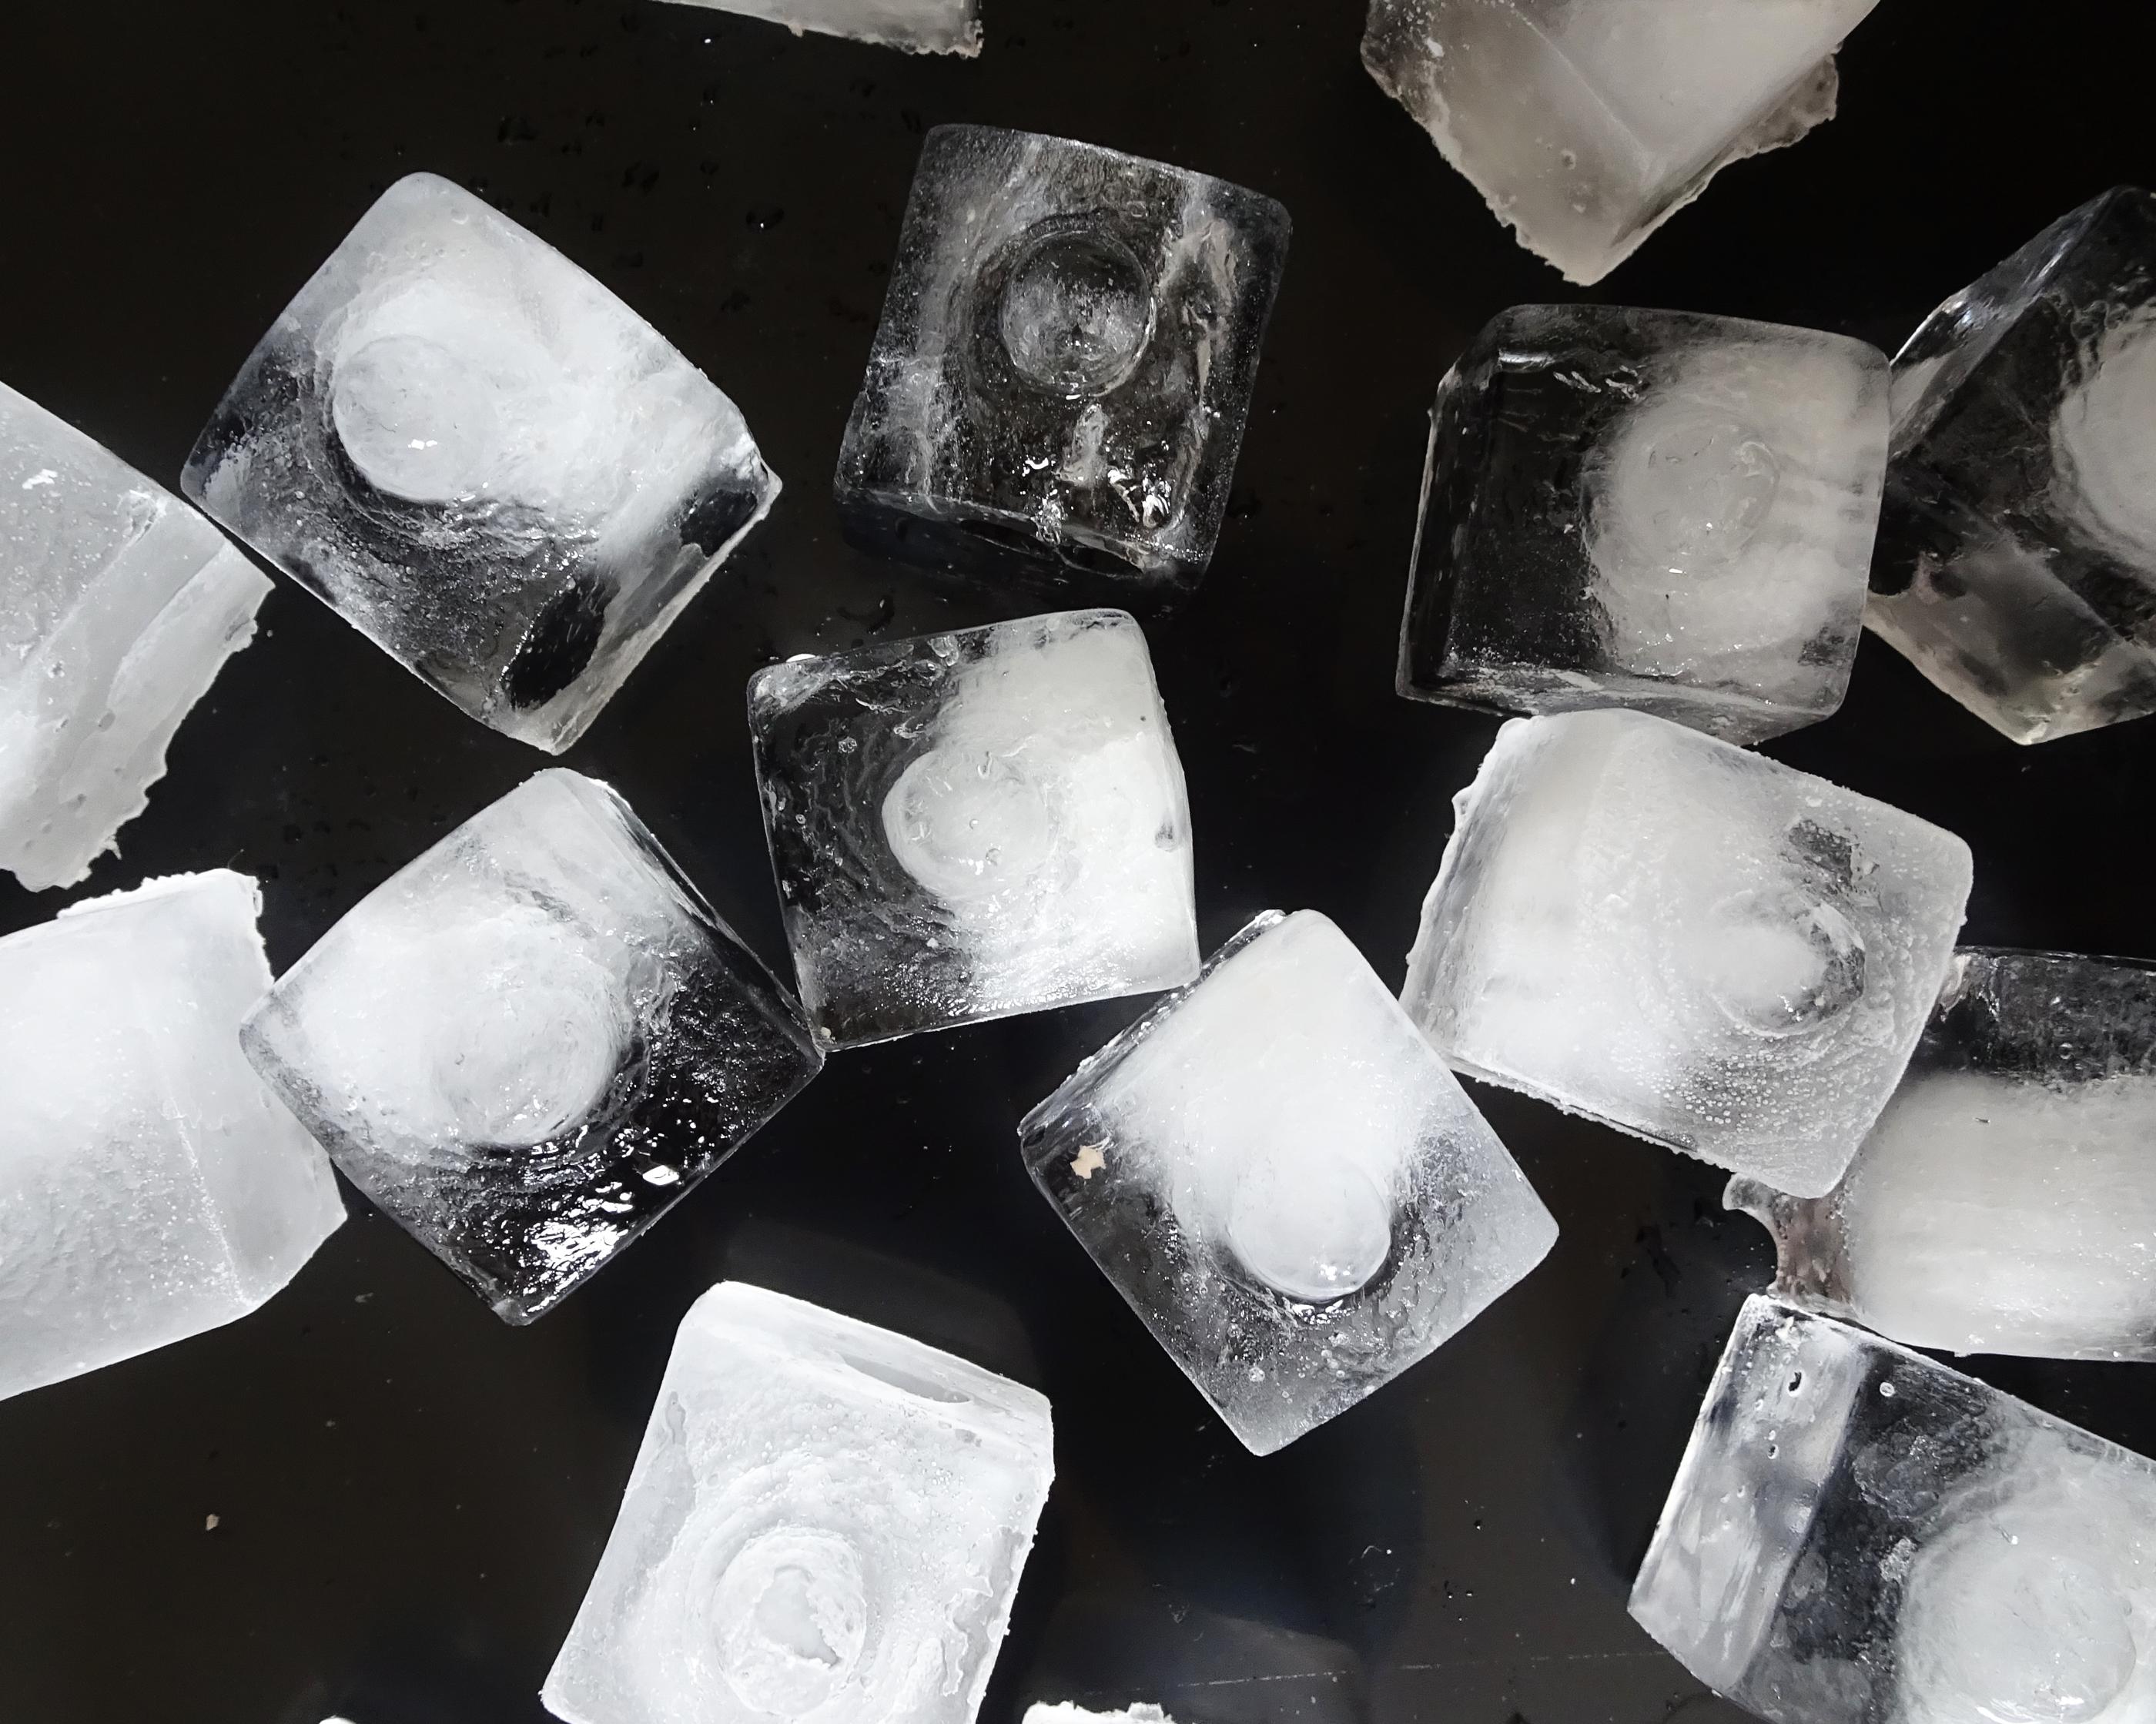 Boobend - ein Eiswürfelbehälter, eine Bachform oder Silikonform für Pralinés.